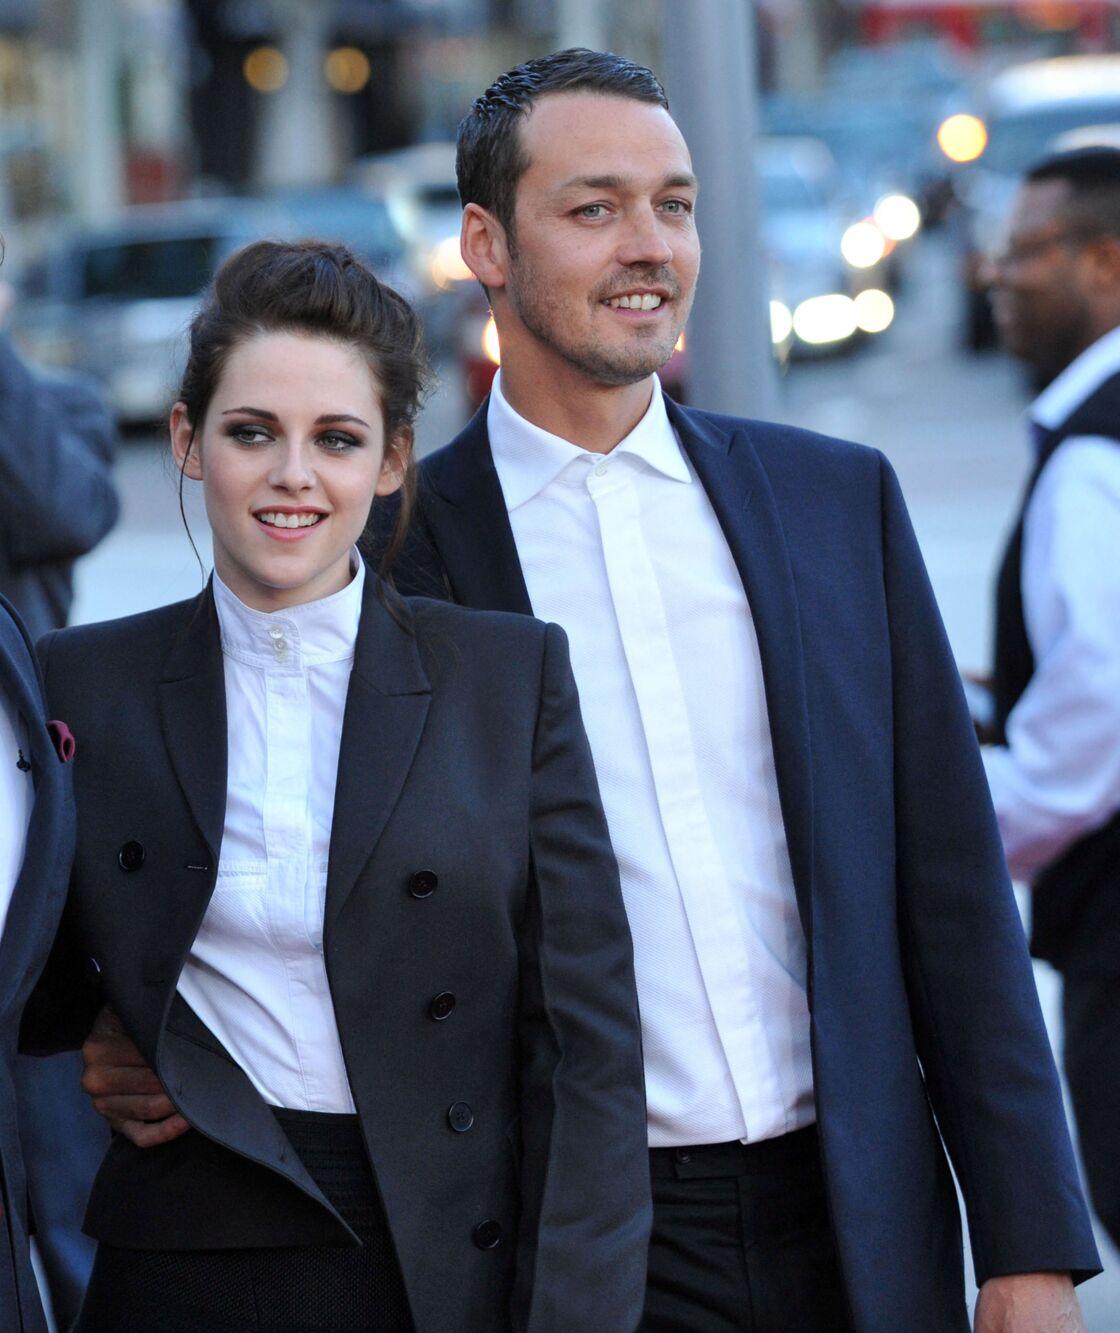 La liaison de Kristen Stewart avec le réalisateur Rupert Sanders, survenue en 2012, aura finalement raison de leur couple